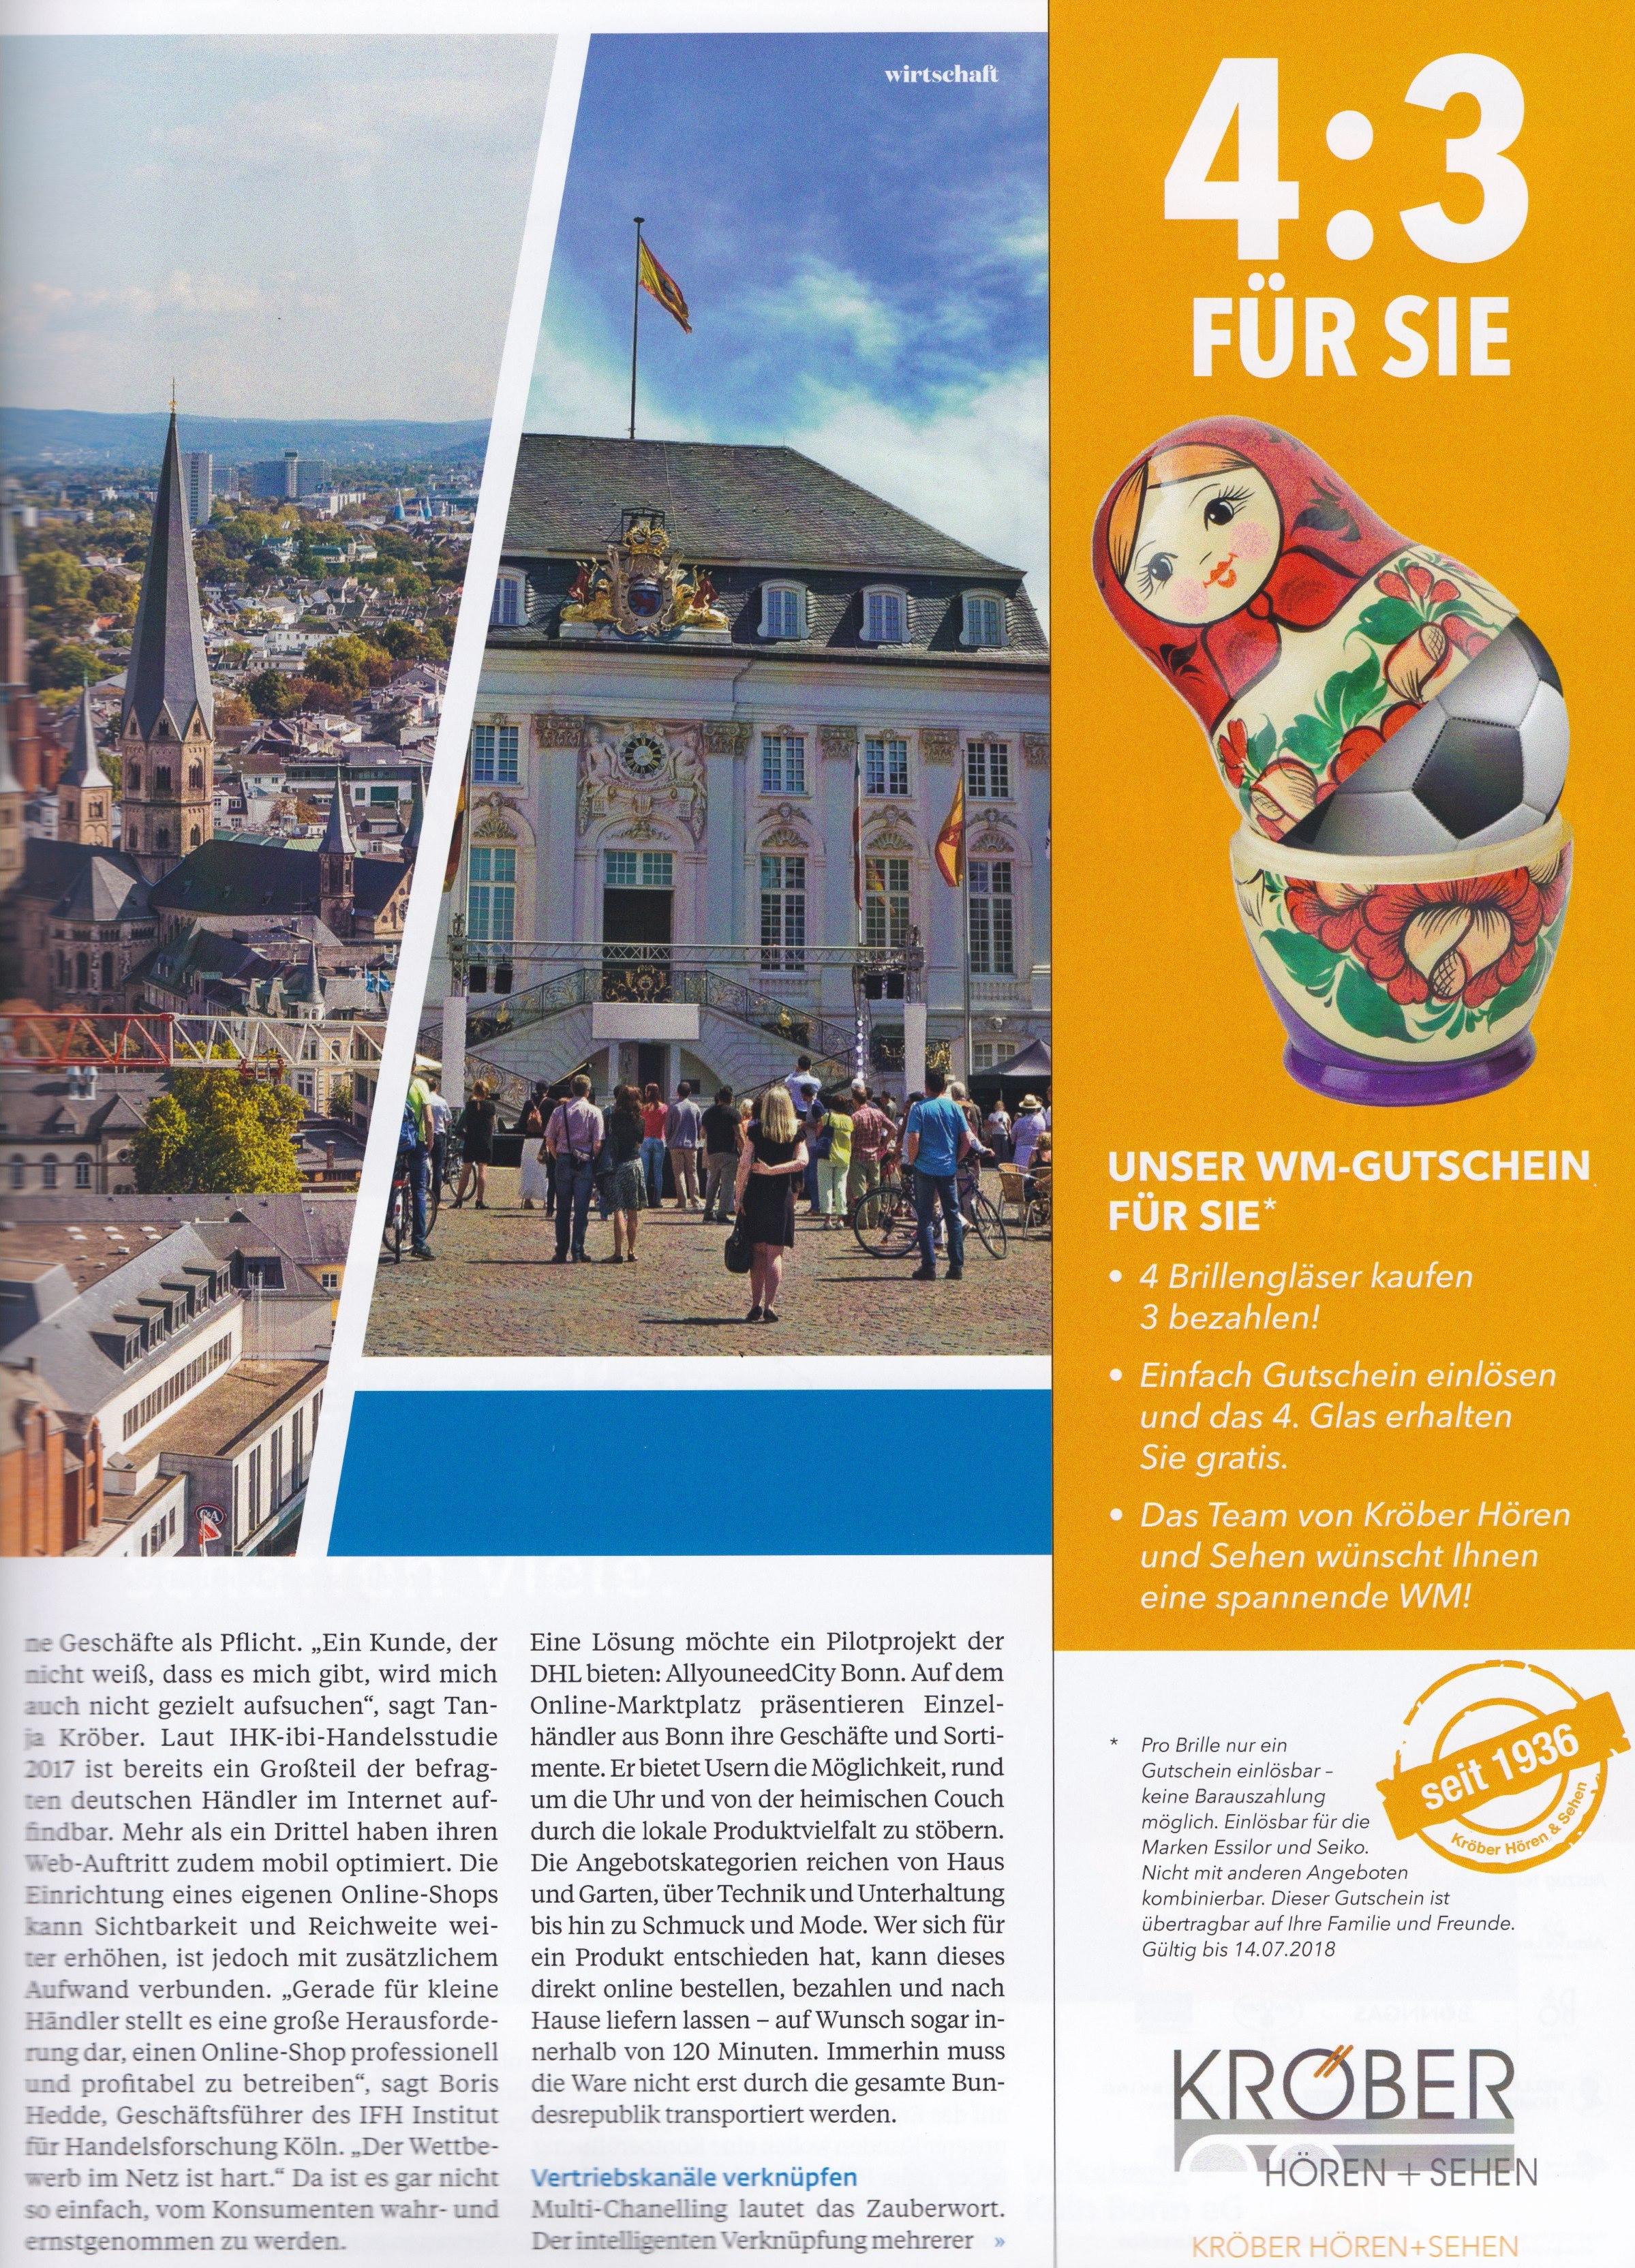 Top Magazin Bonn 2 - Differenzierung, USP, Wertsteigerung - - Roman Kmenta - Keynote Speaker und Autor